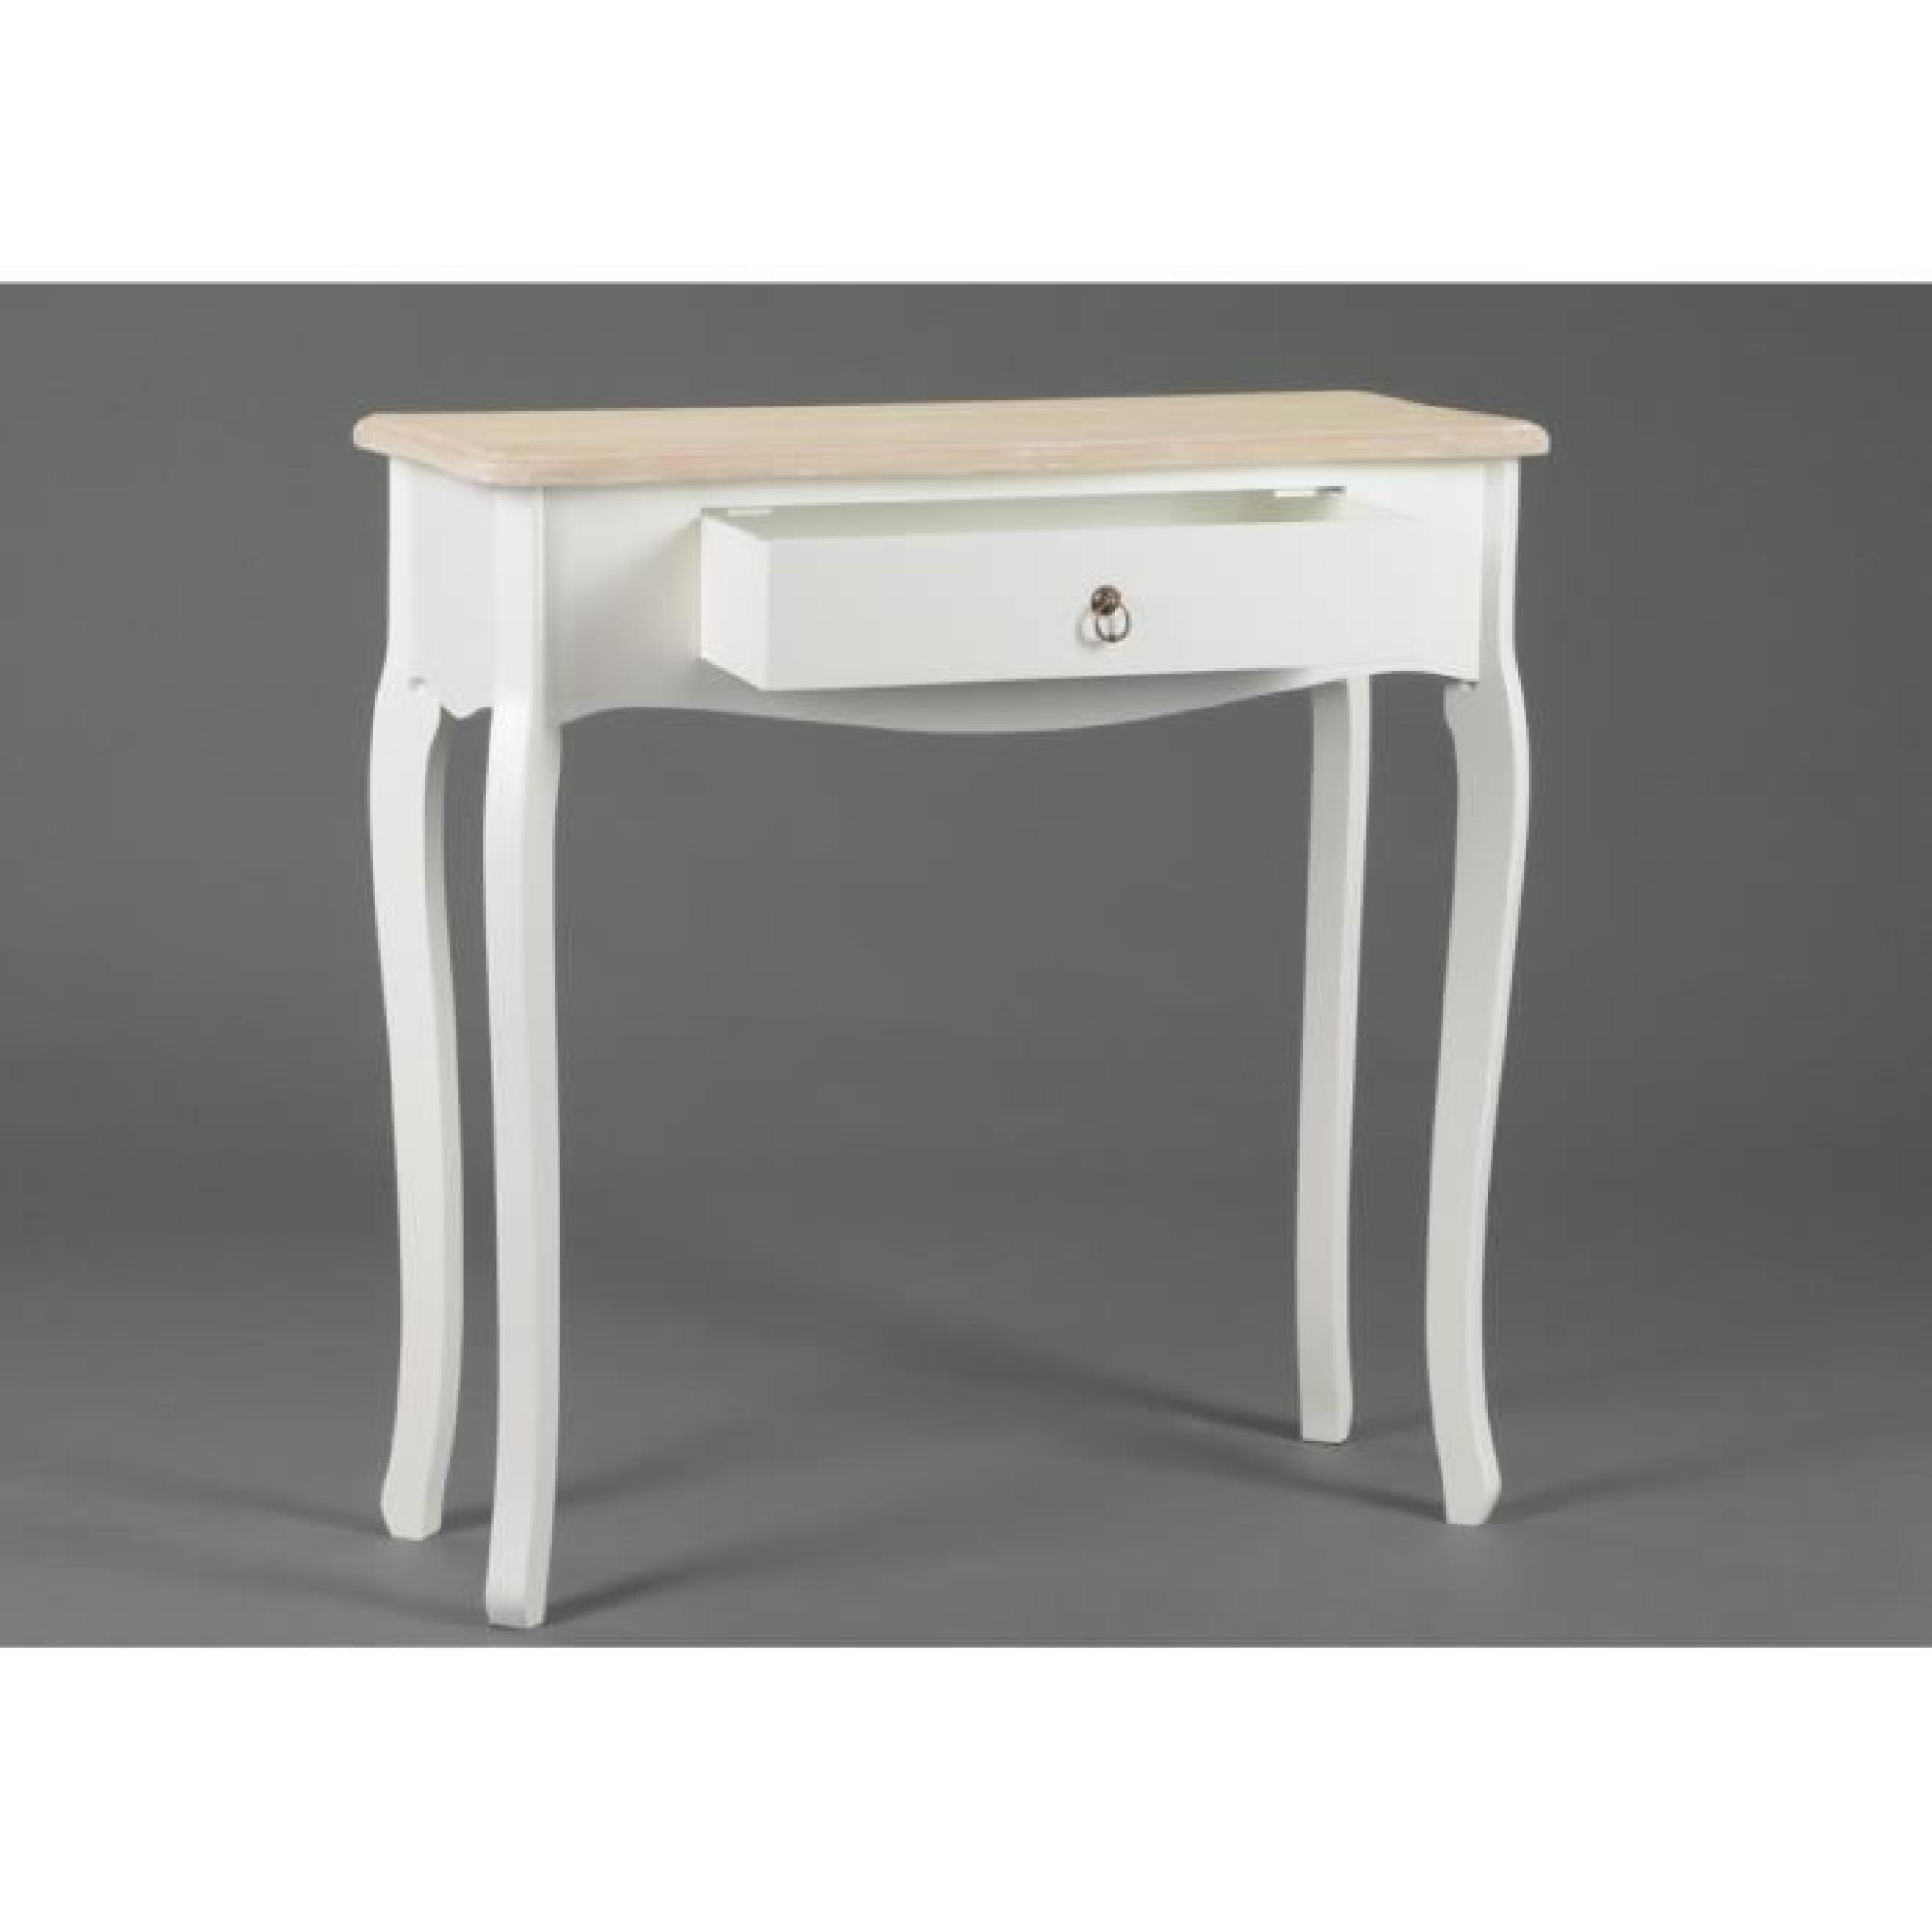 console entr e en bois lise taille 2 achat vente console meuble pas cher couleur et. Black Bedroom Furniture Sets. Home Design Ideas